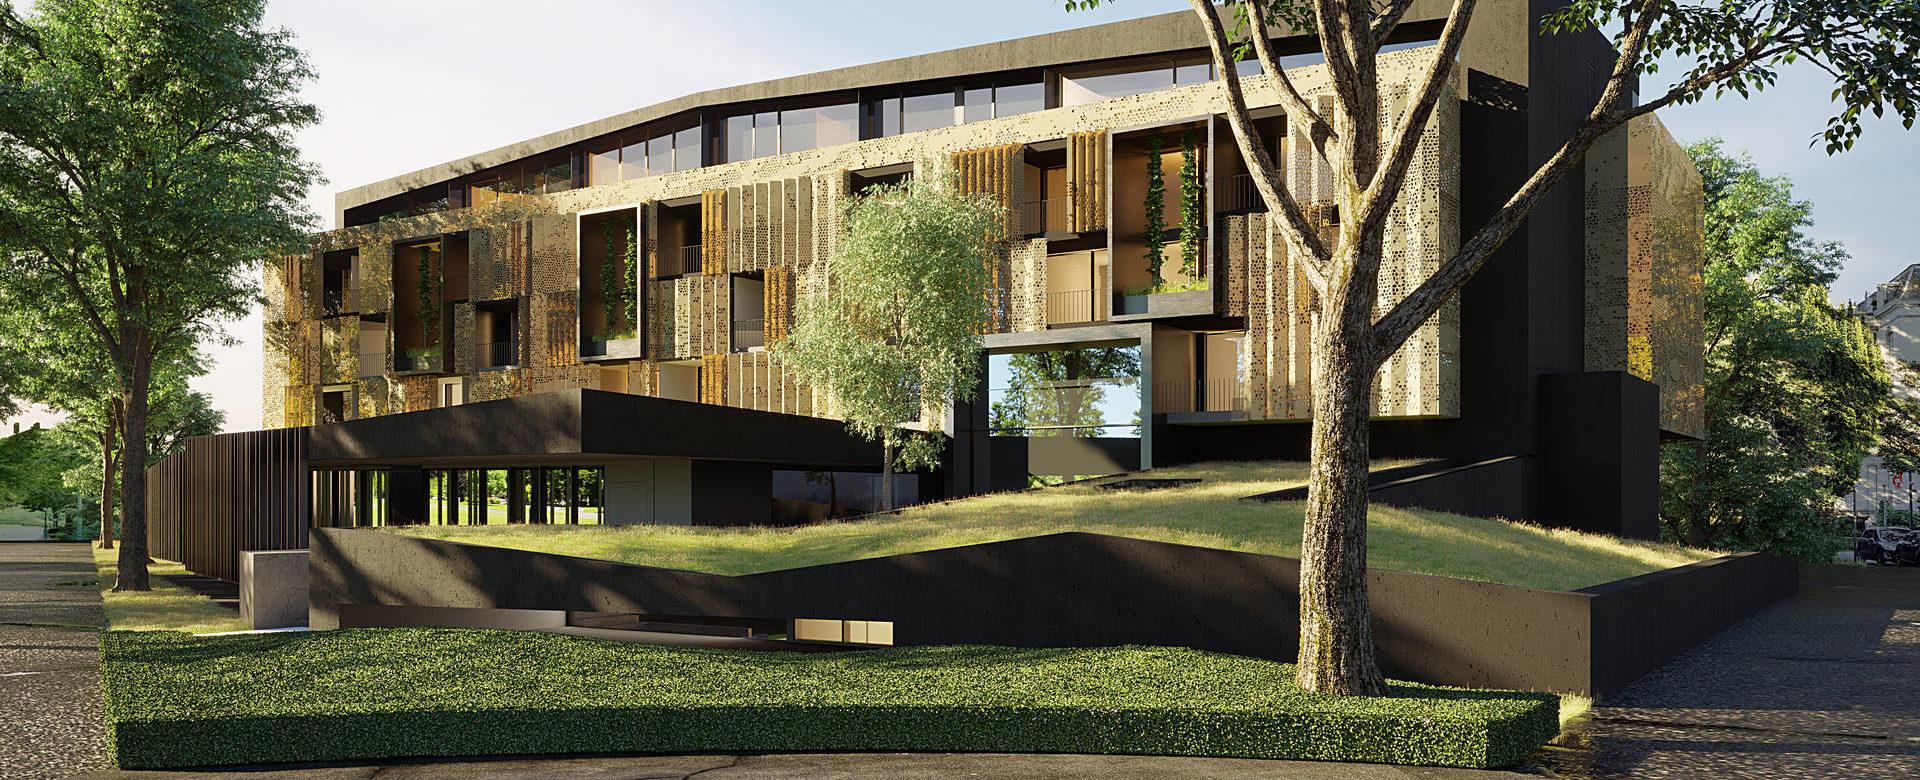 Obtention du permis de construire Hotel MGallery à Colmar (68)